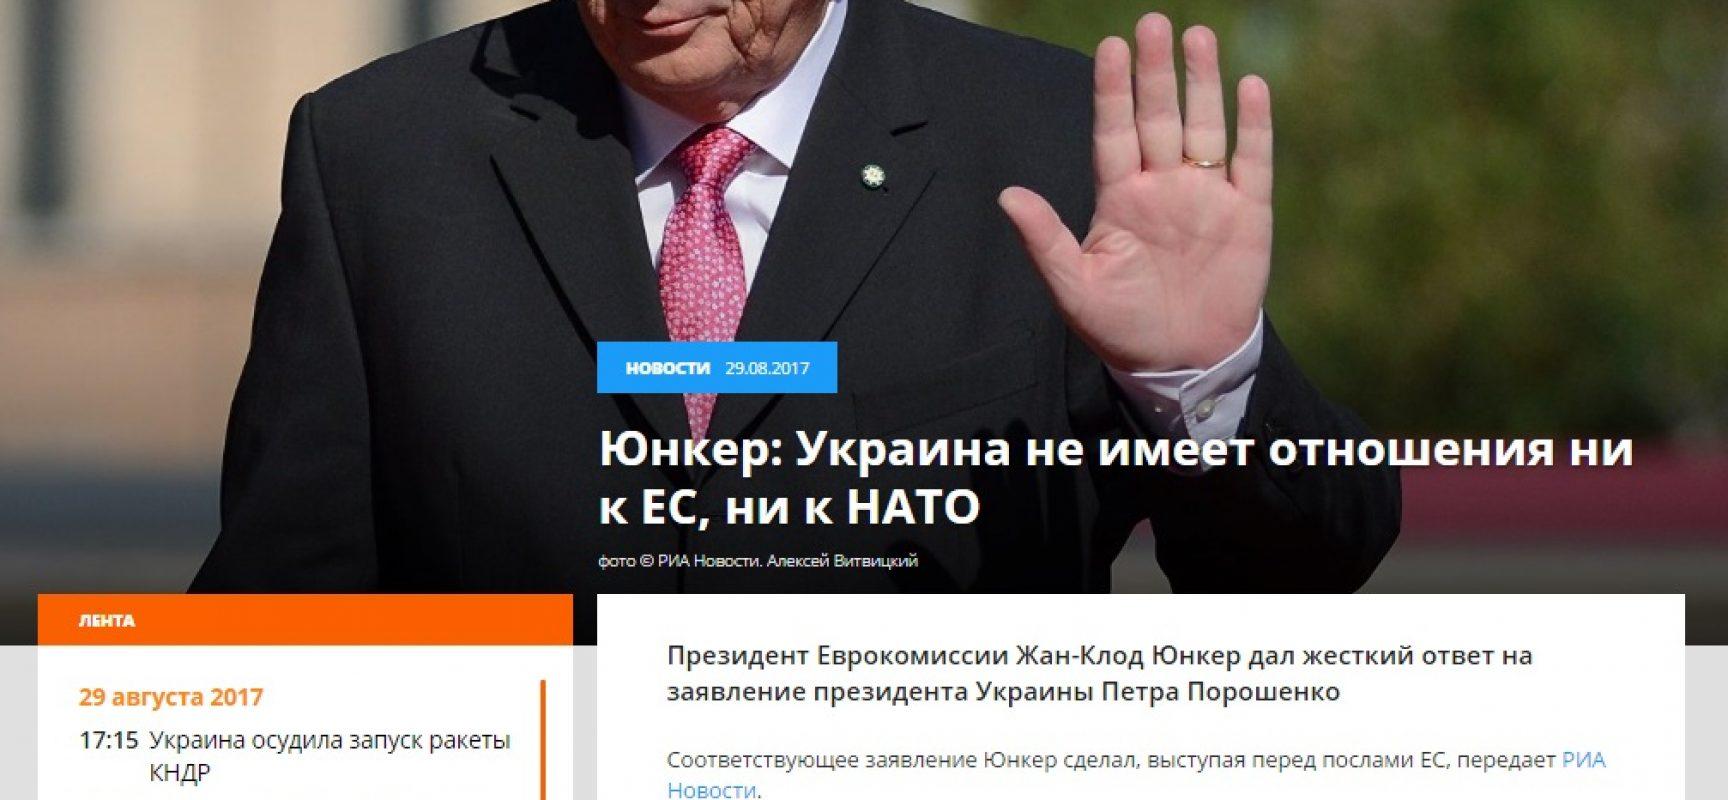 Le manipolazioni intorno alla dichiarazione di Juncker sull'Ucraina